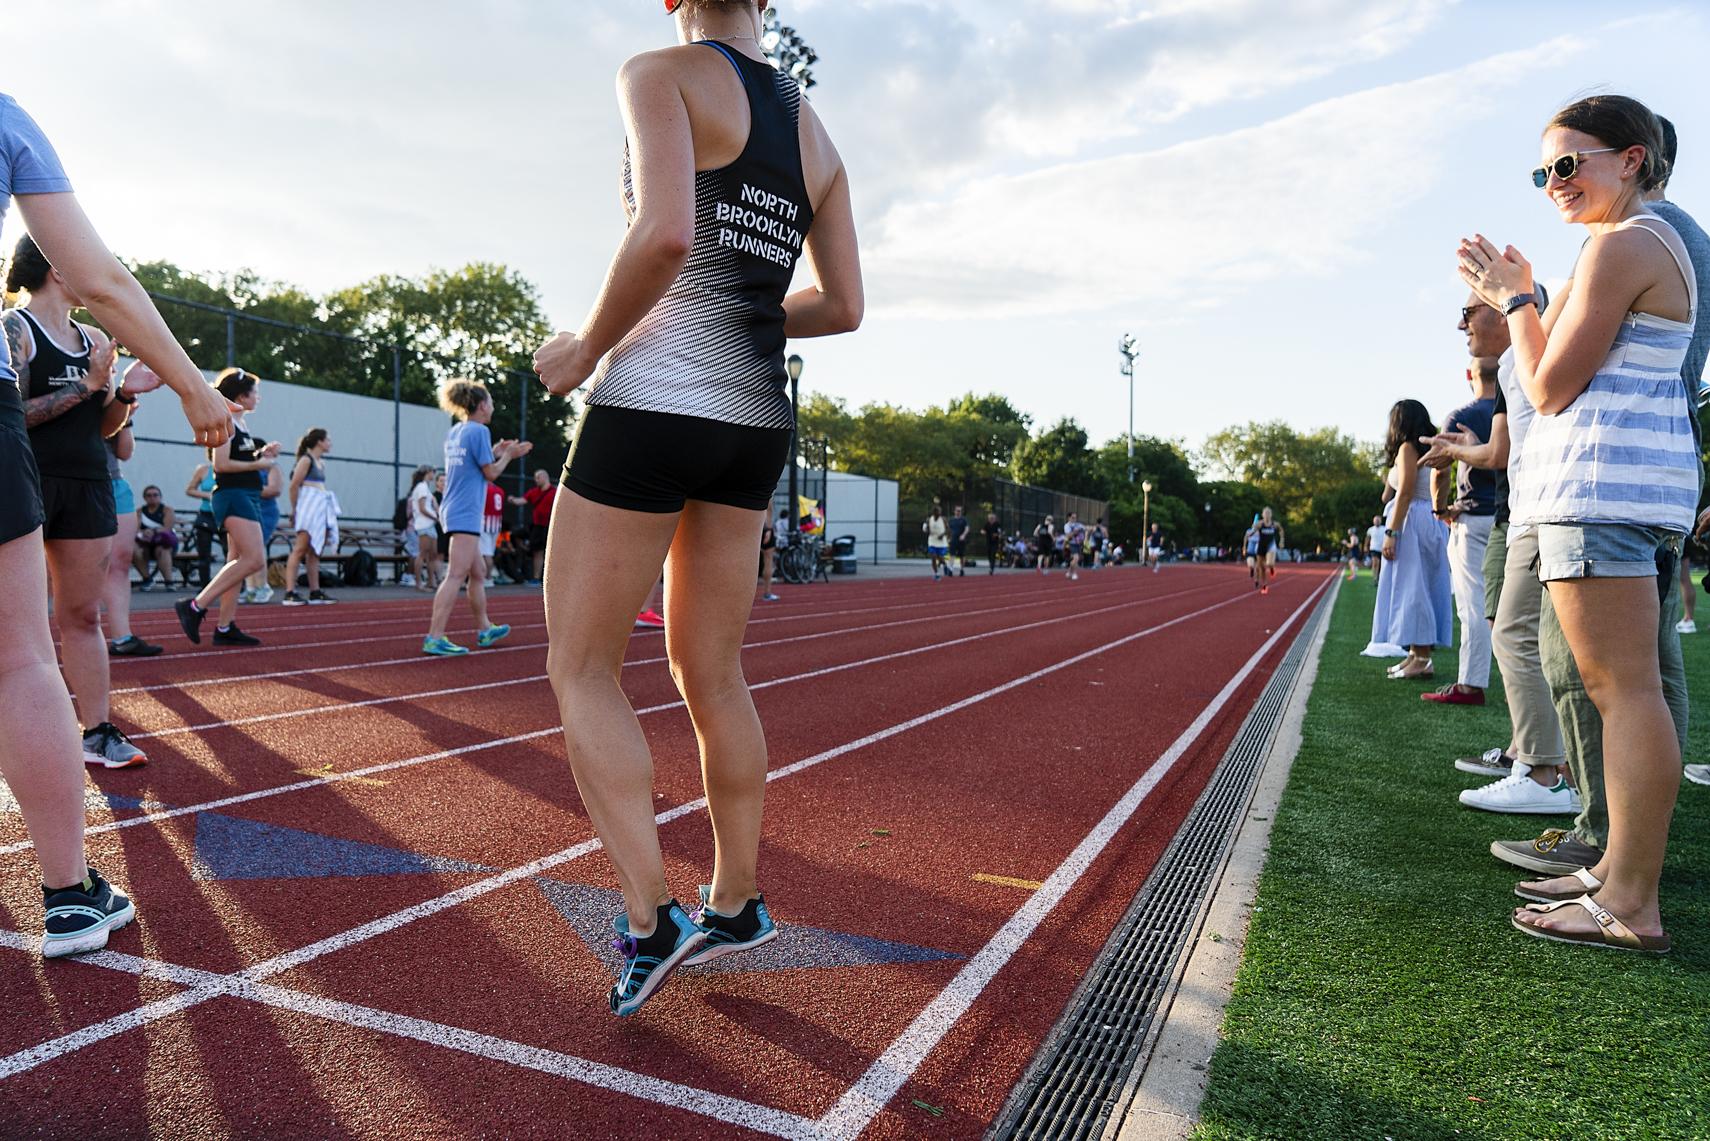 NBR McCarren Track Meet 2019-071219-Drew-ReynoldsDSC00109.jpg